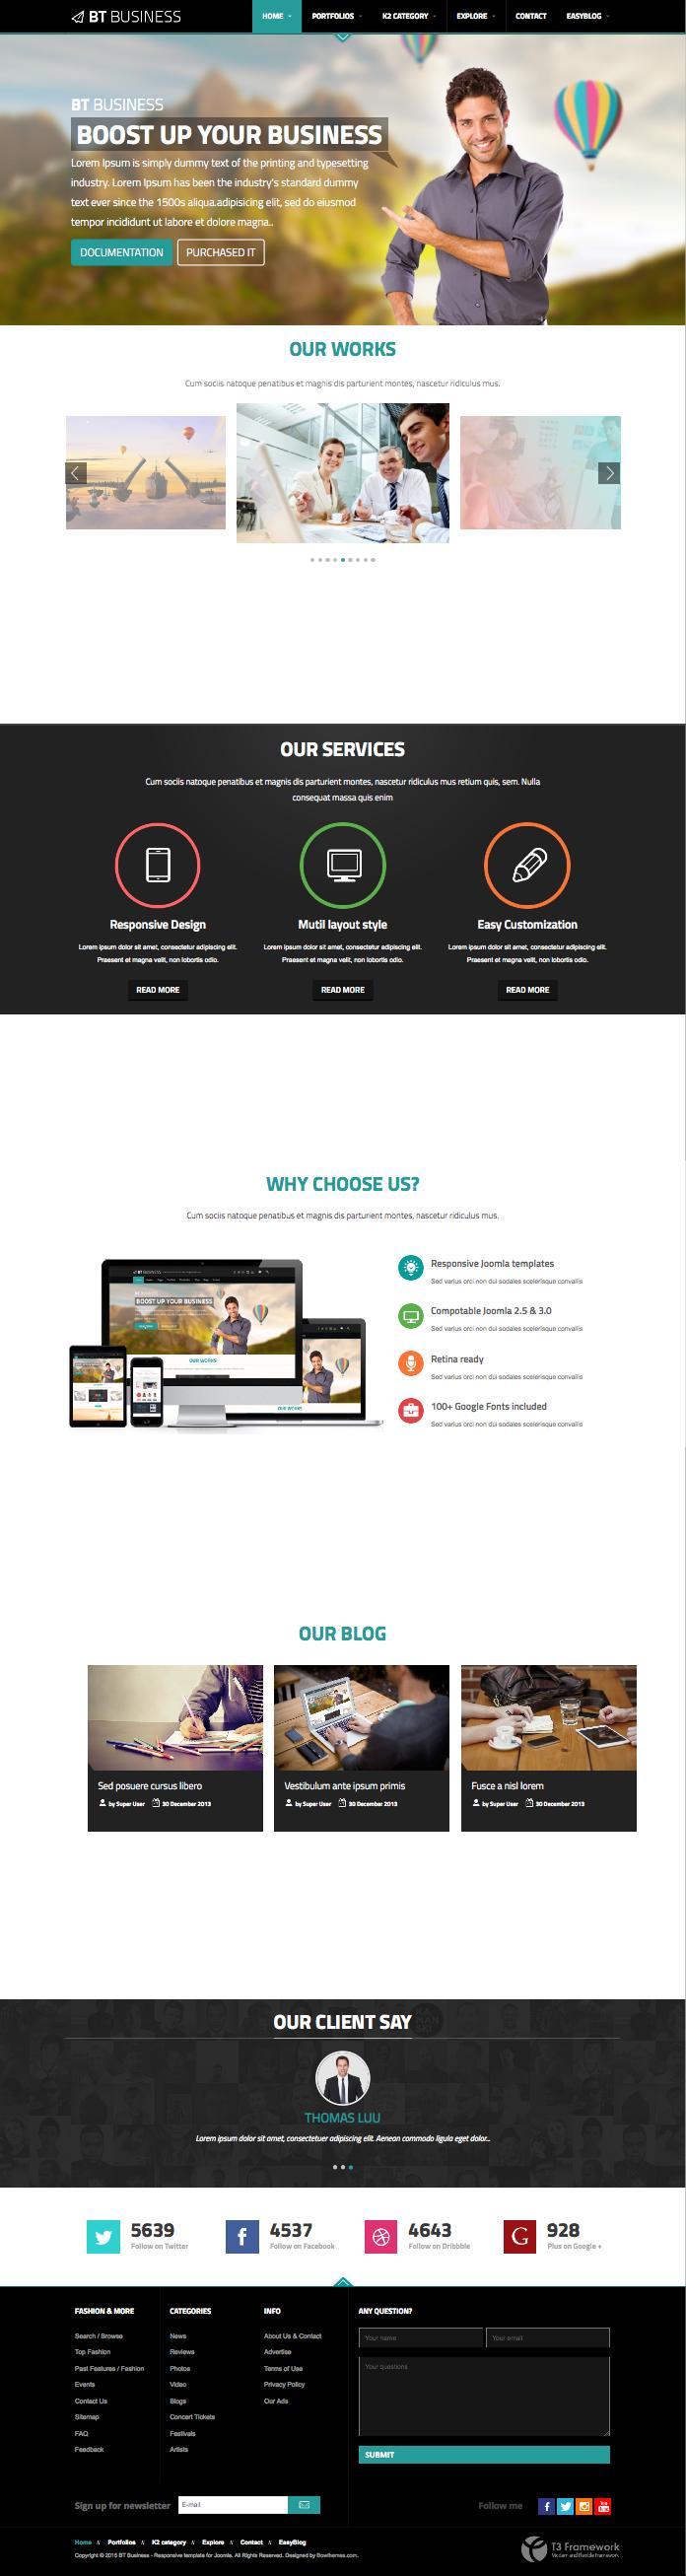 BT Business Joomla Multi Layout Corporate Template